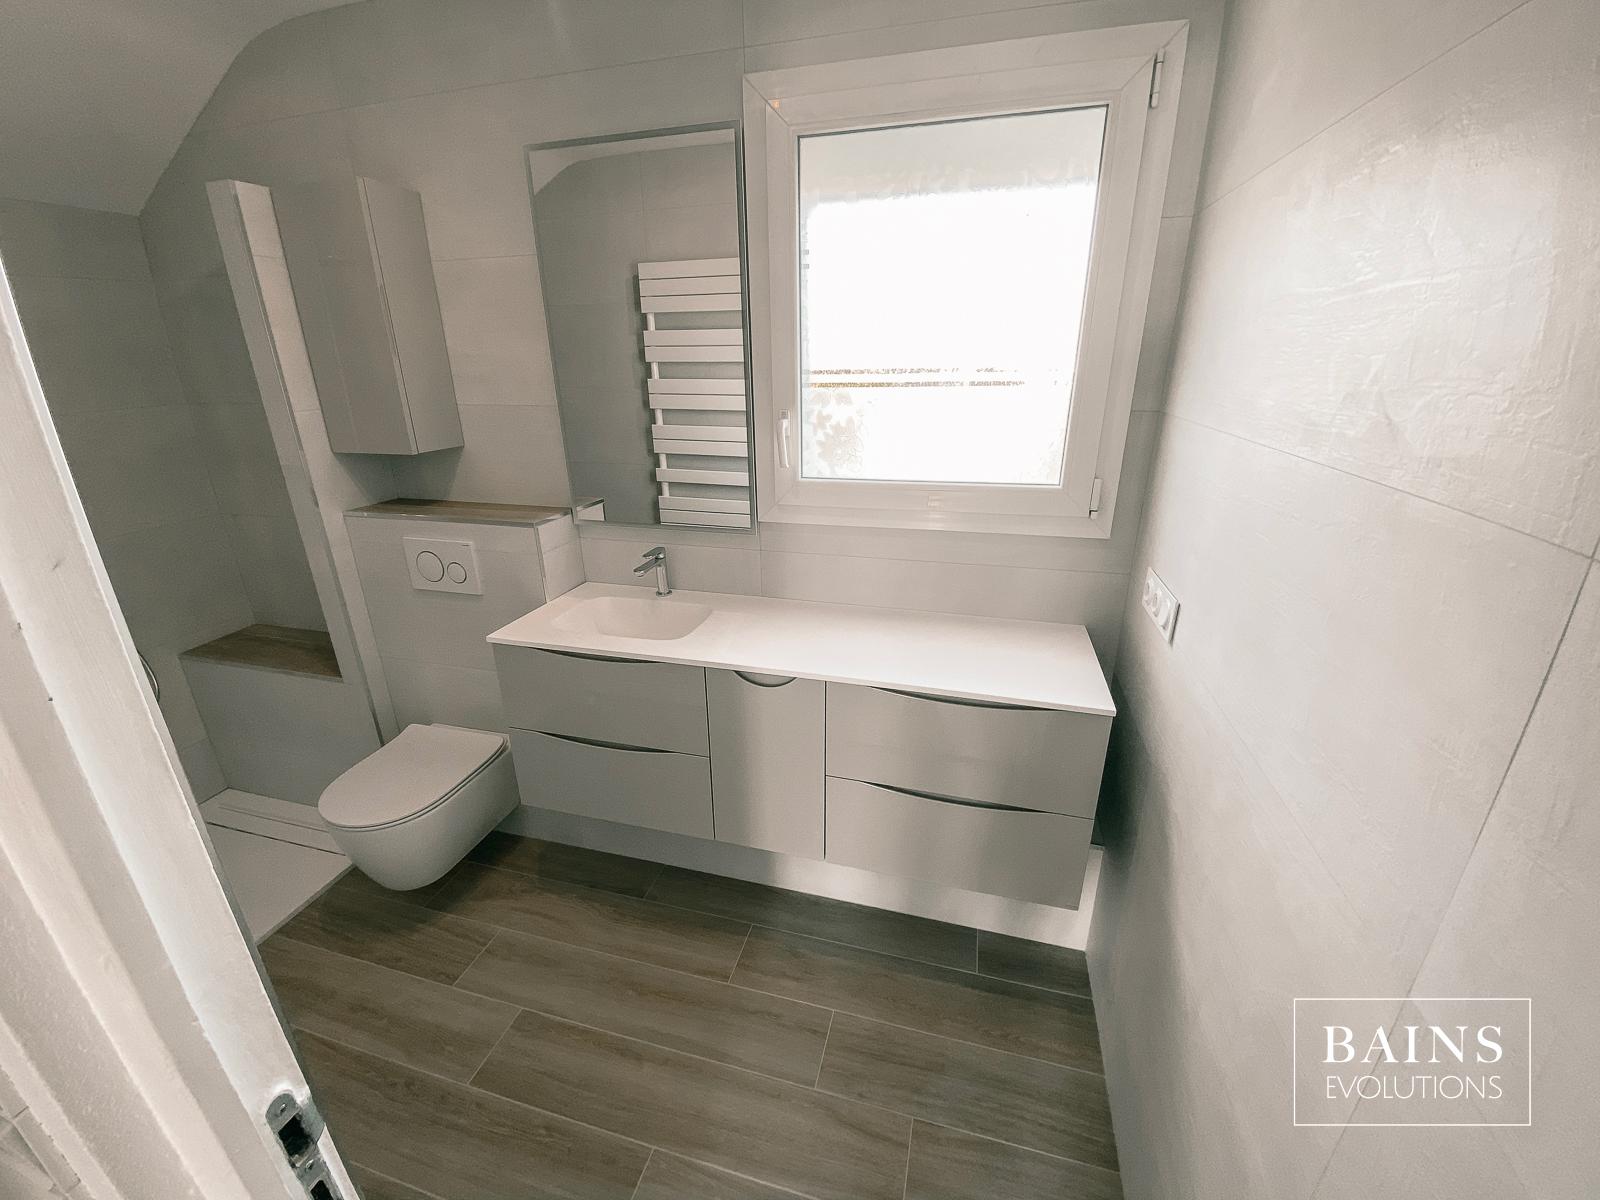 Rénovation Salle d'eau Blanche et Gris + Sol Carrelage parquet bois